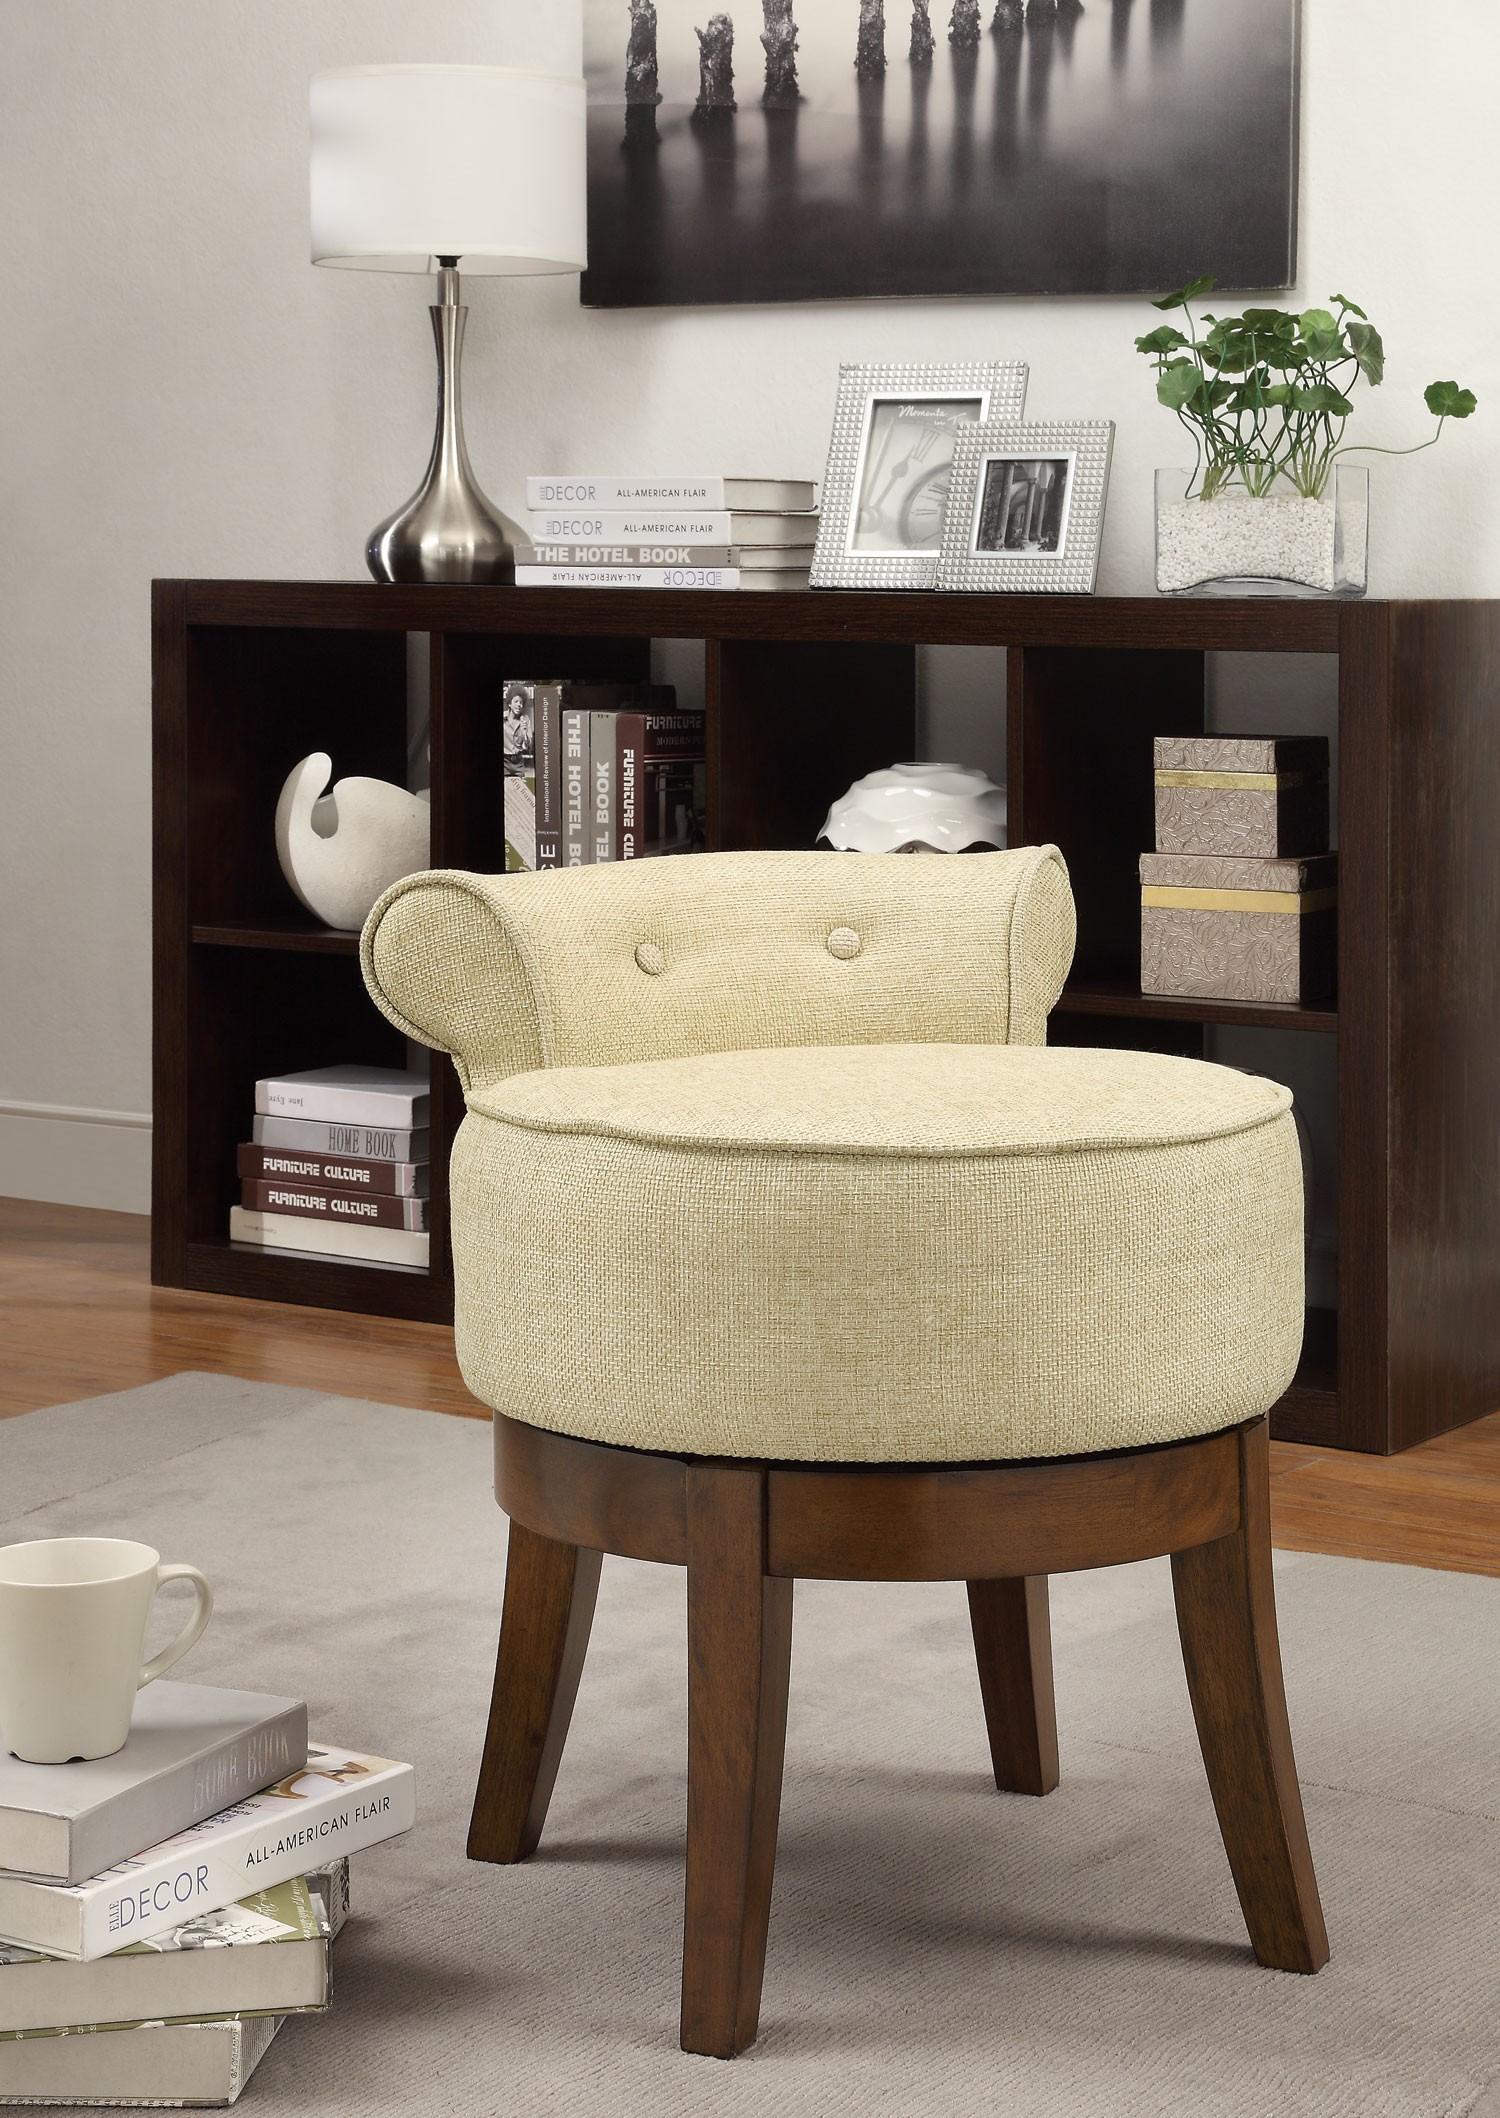 Beige vanity stool 900121 coaster furniture - Bedroom vanity chair with back ...